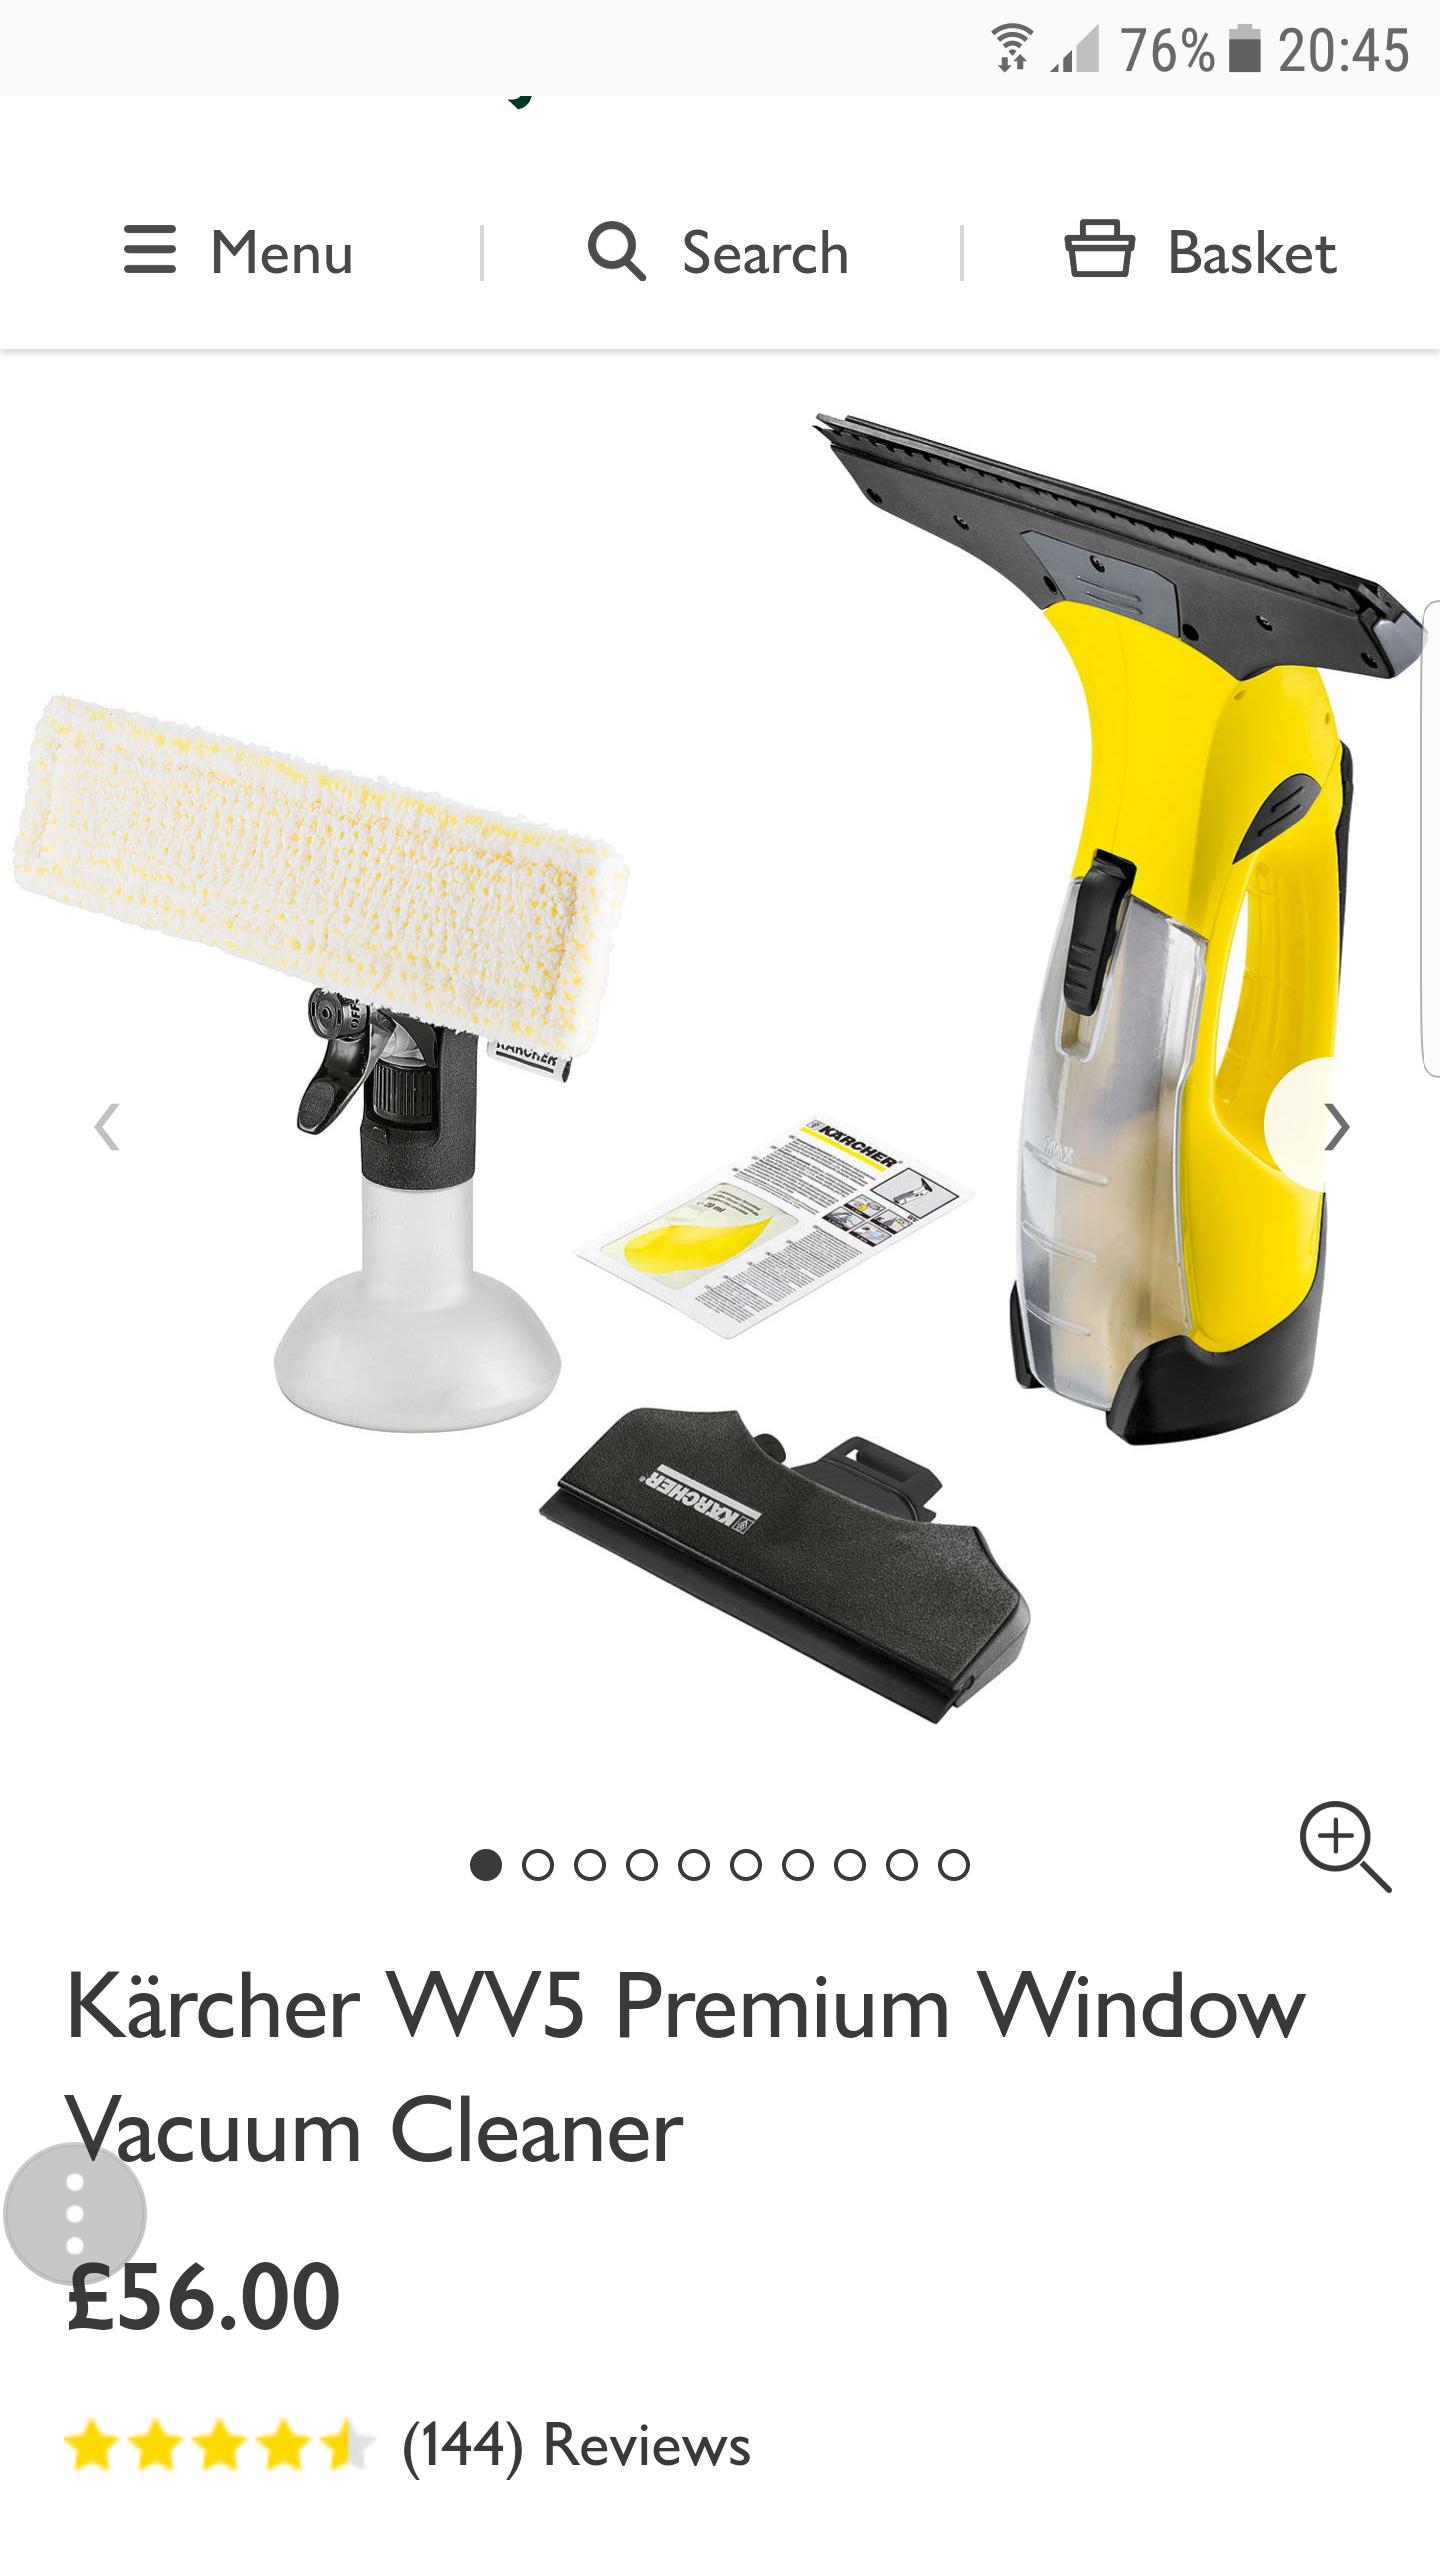 Kärcher WV5 Premium Window Vacuum Cleaner - £56 @ John Lewis